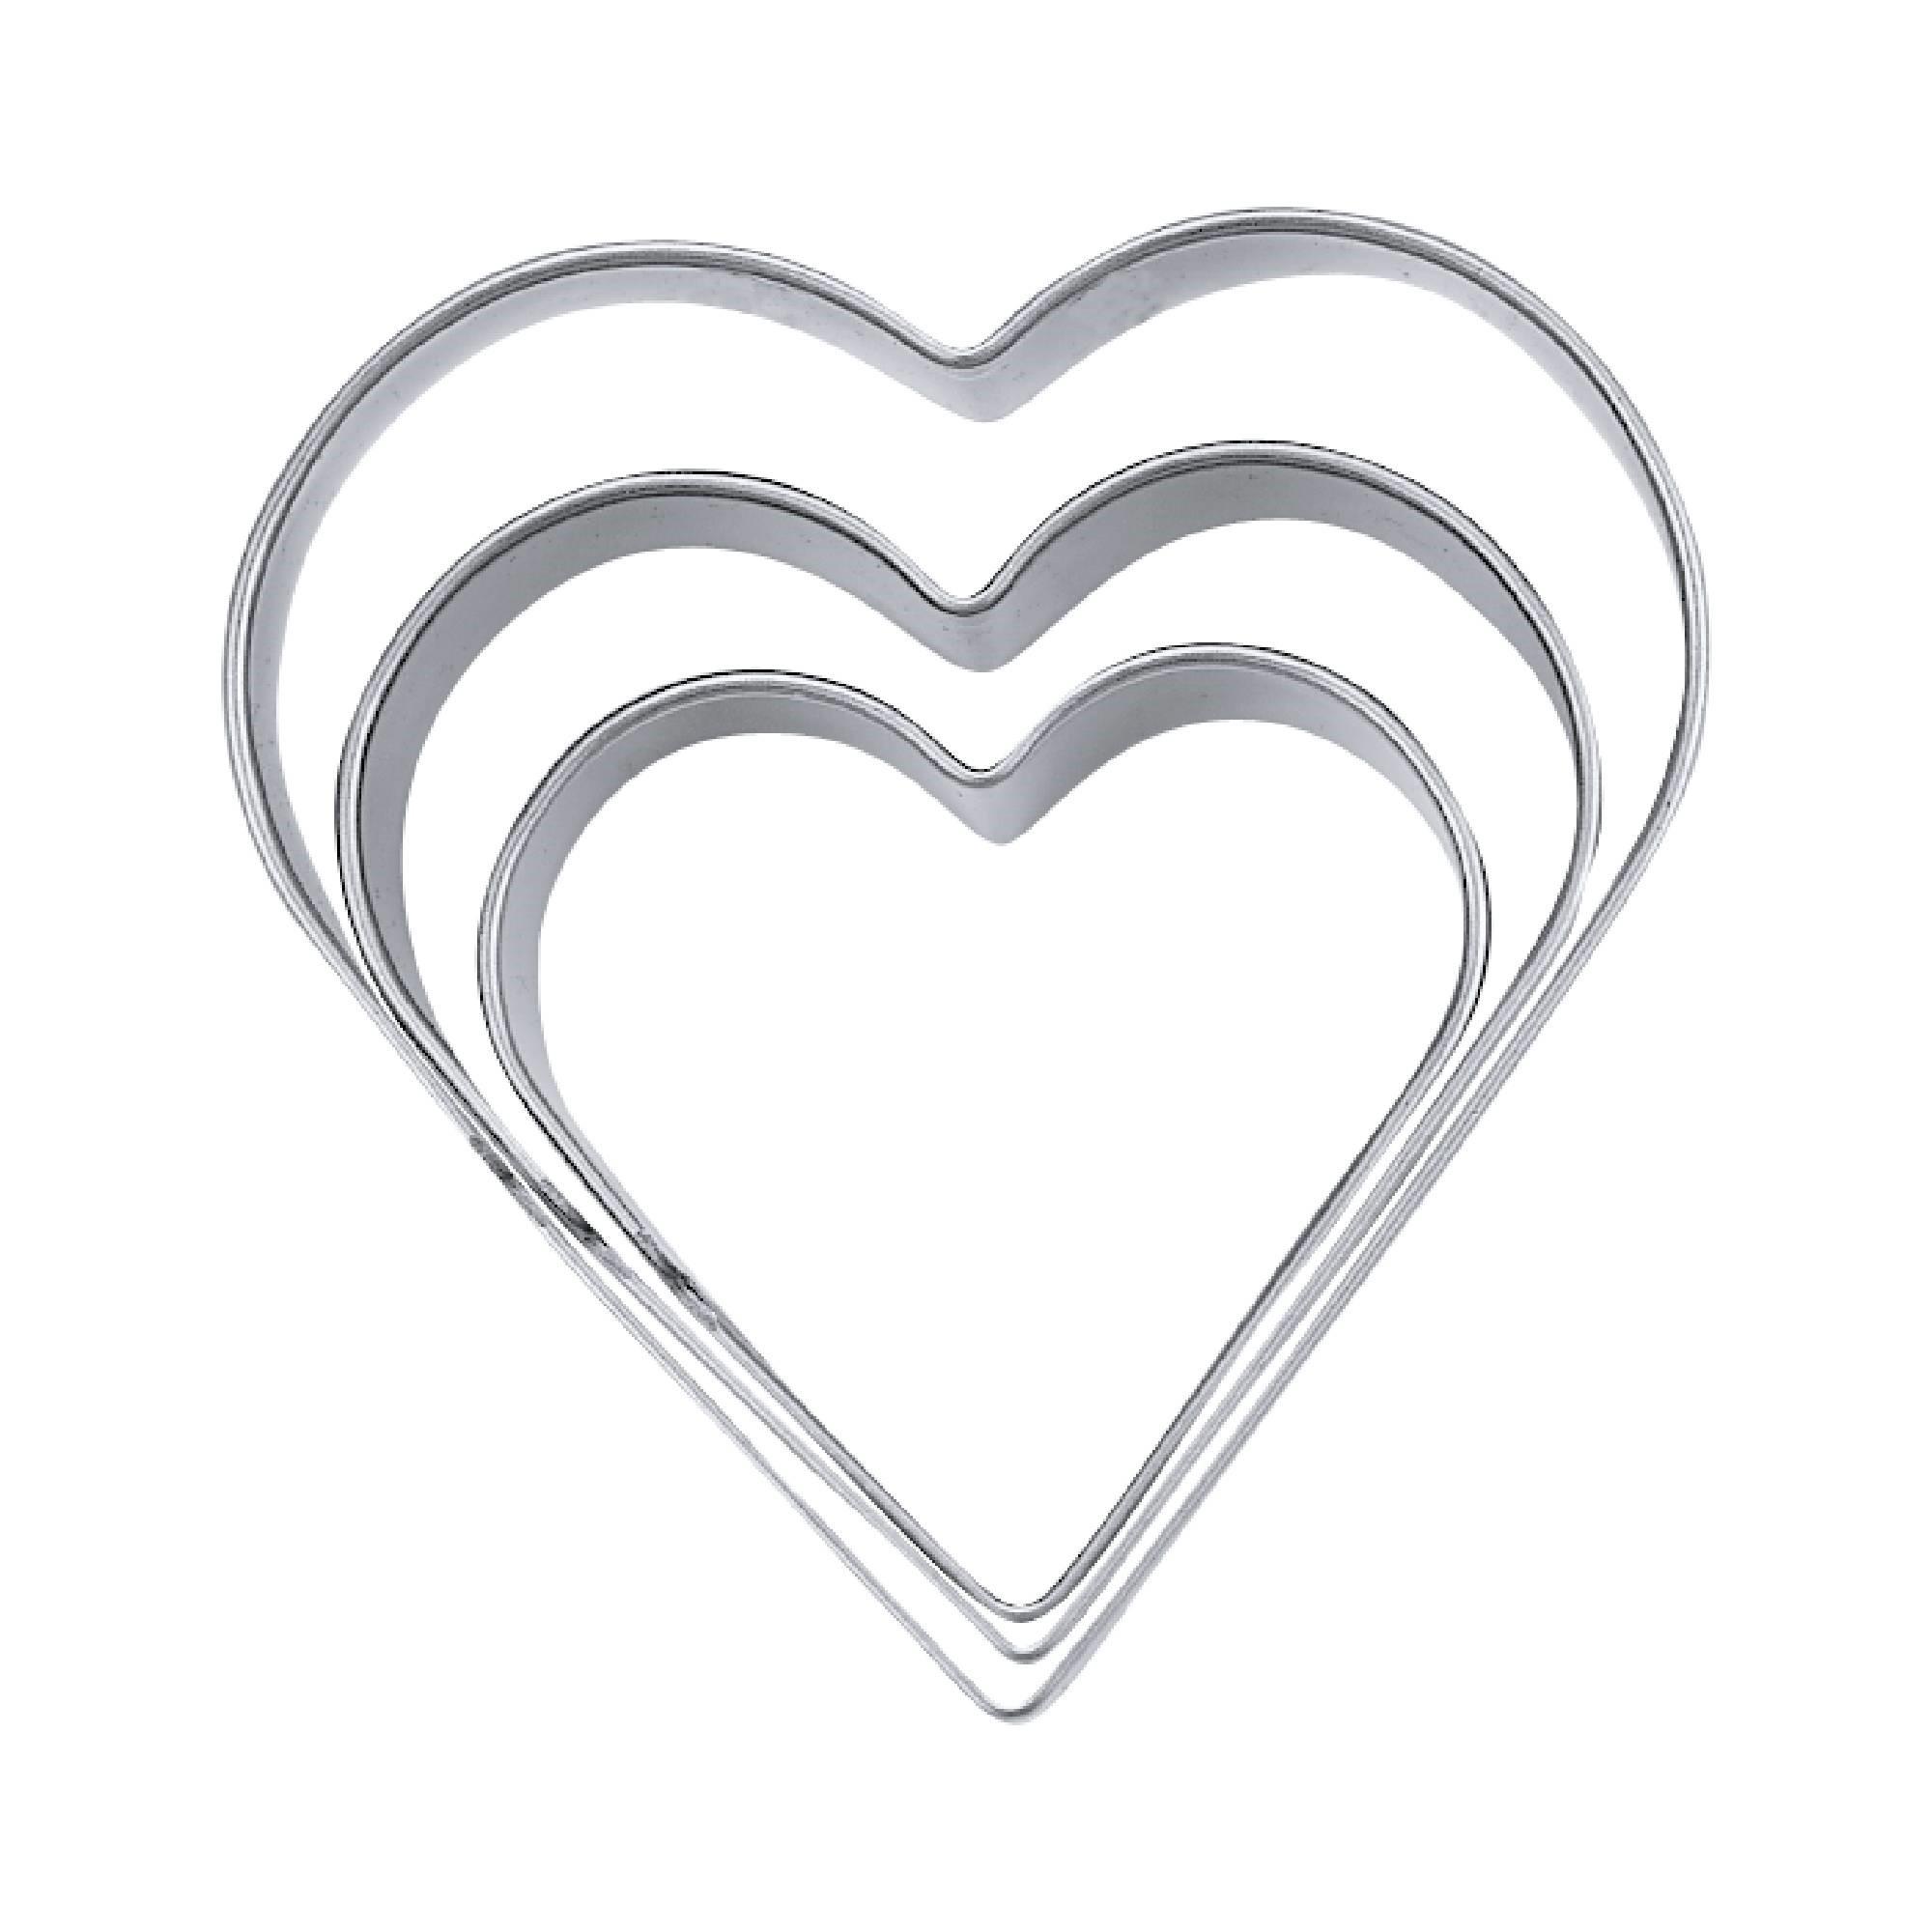 Ausstechform Herz 5,5 cm Ausstecher Städter